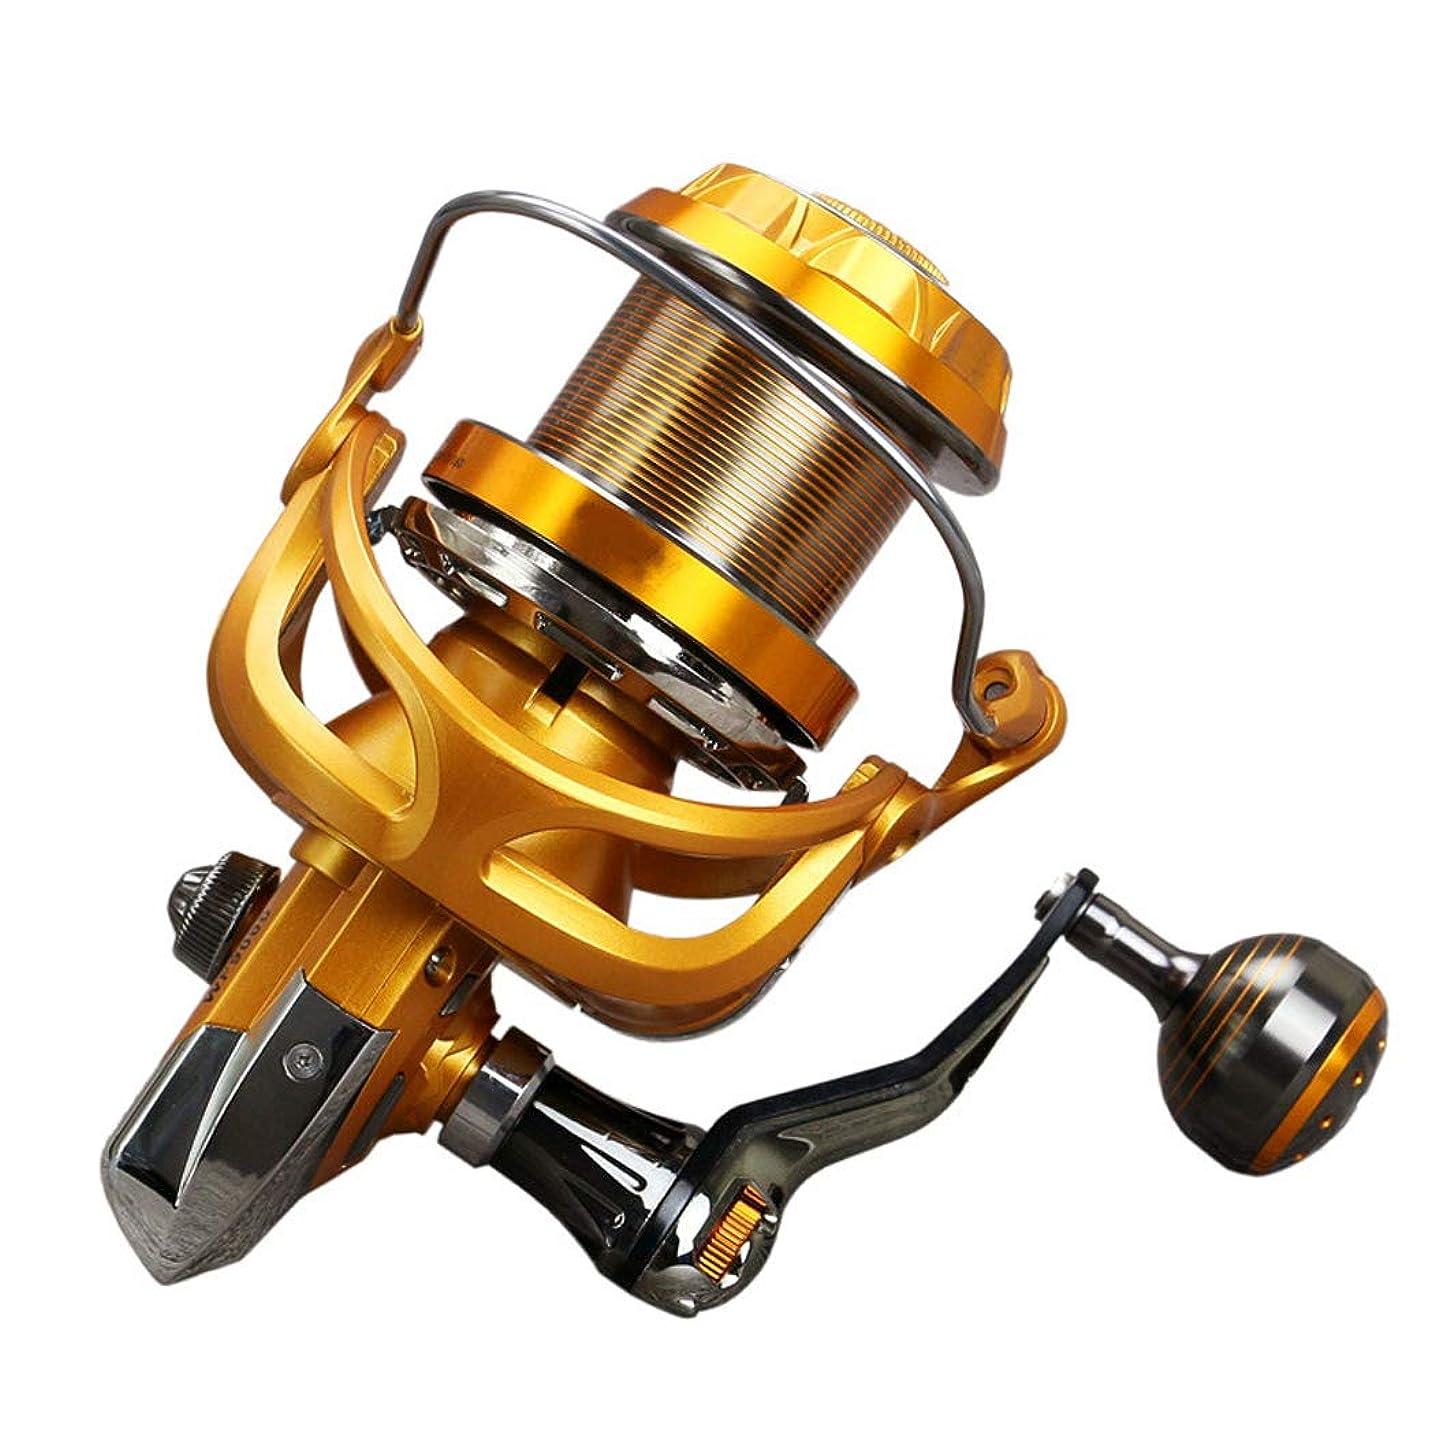 ぶどう見物人証書スピニングリール?5.1:1の比率の塩と淡水釣り?マッチゲーム釣りスピニングコイパイク